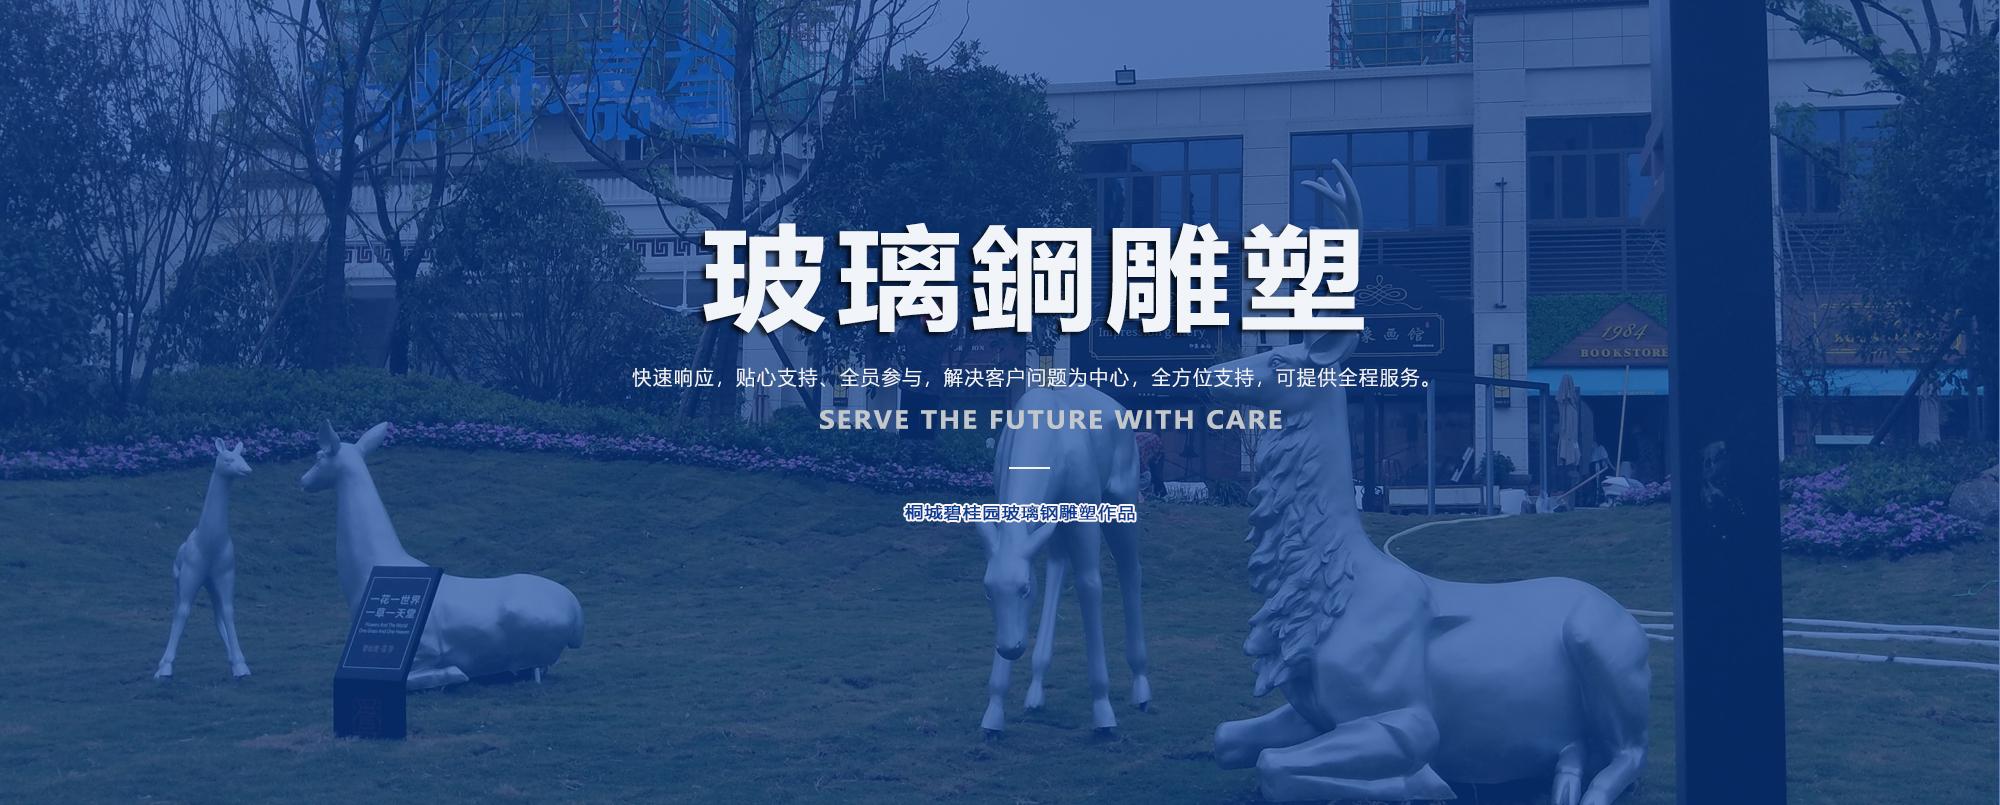 合肥雕塑公司_安徽雕塑_雕塑厂家_合肥承信艺术雕塑厂